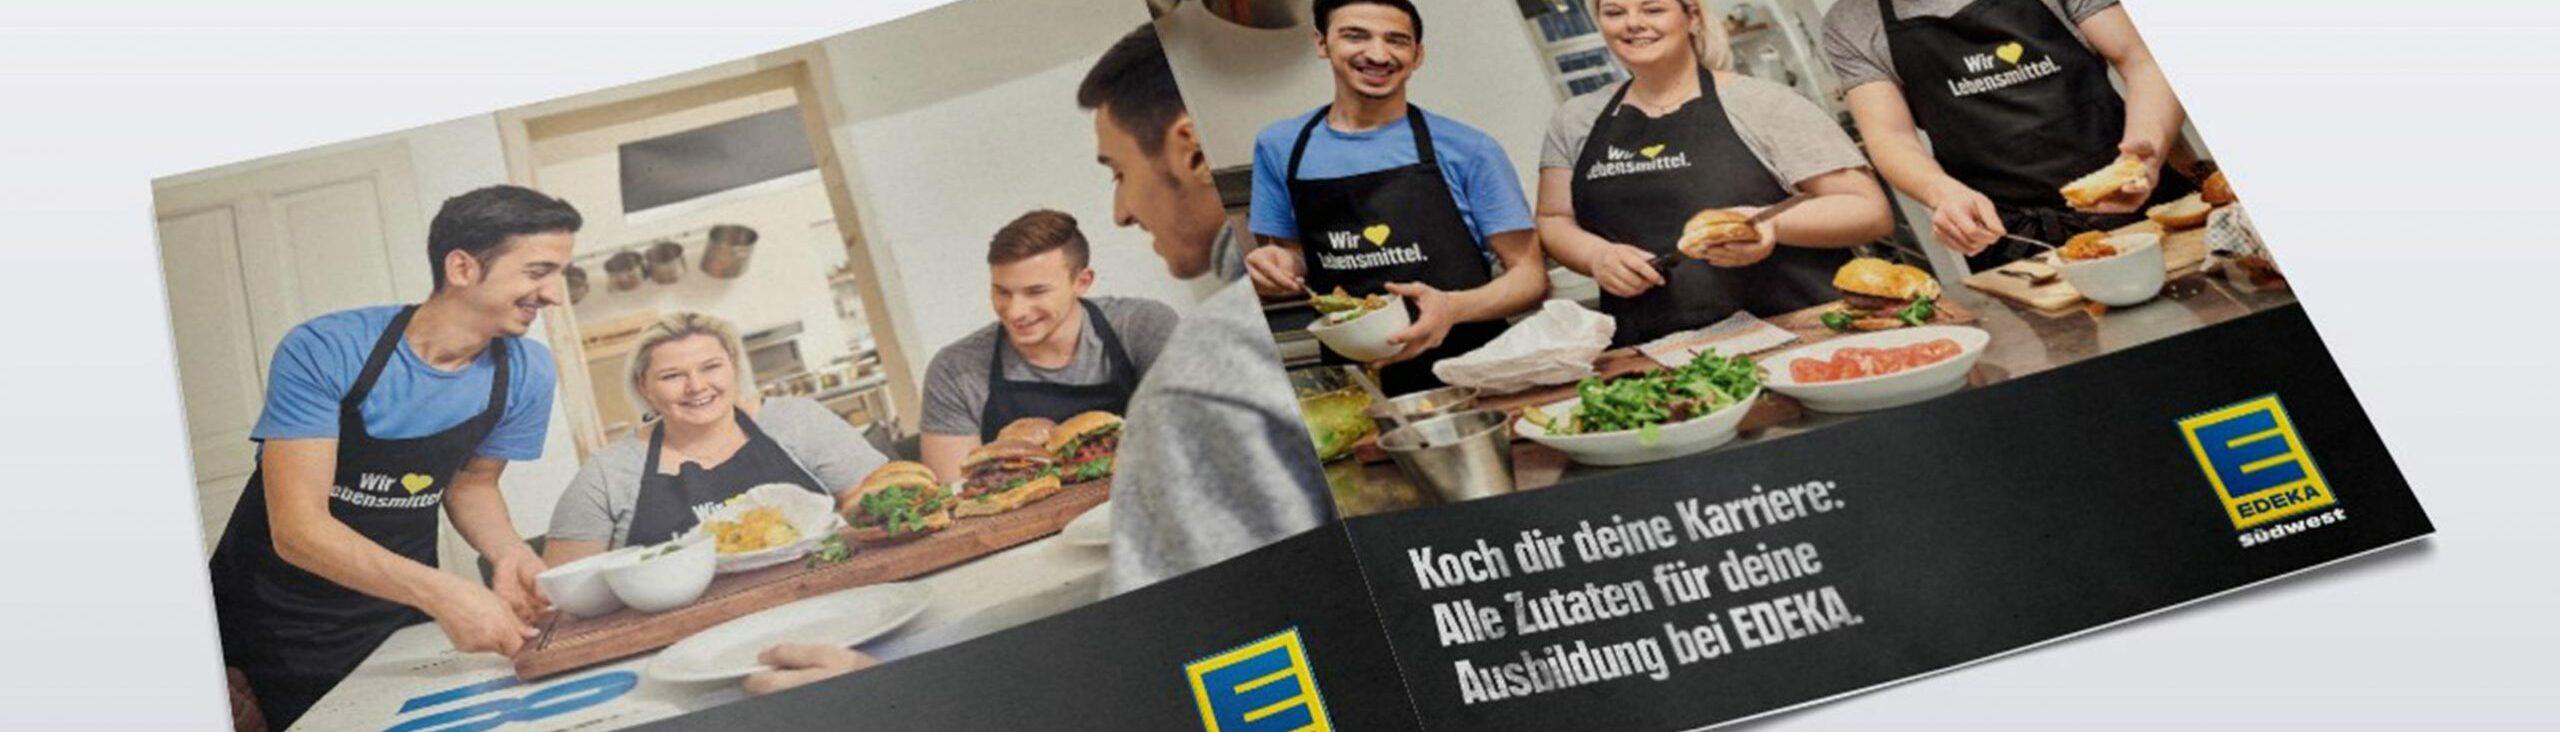 EDEKA_Ausbildungskampagne_Header